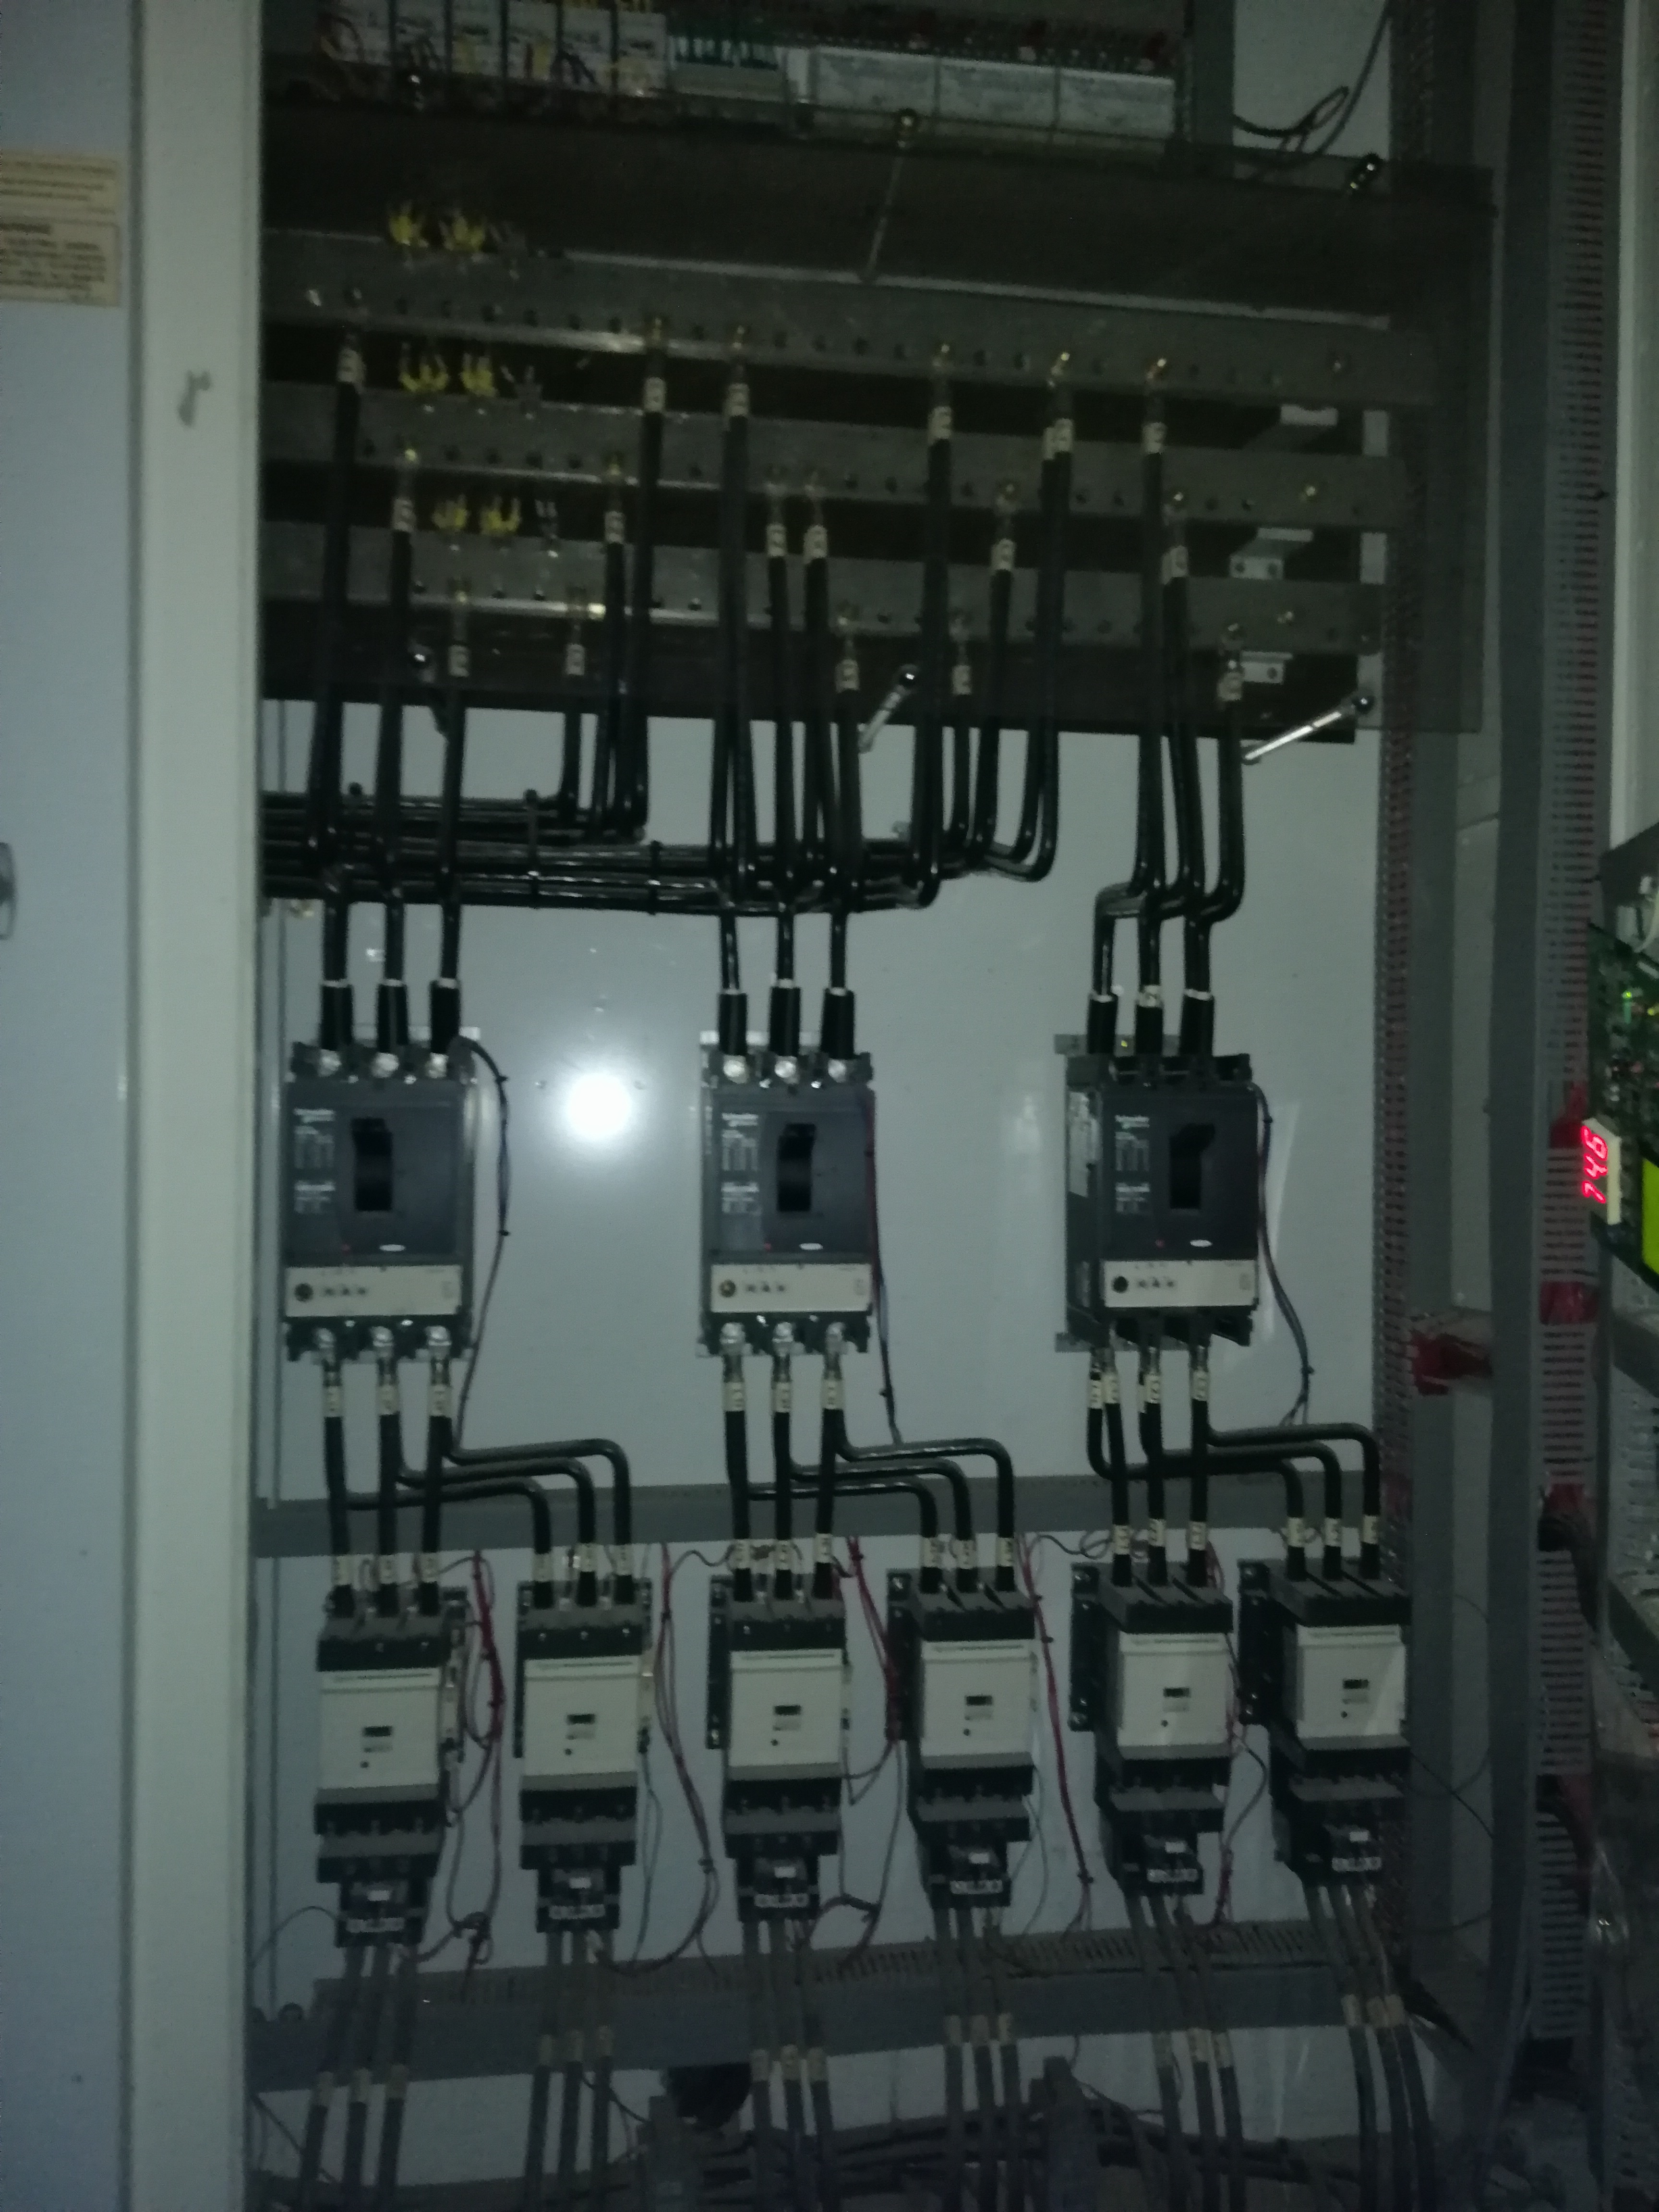 Chiller panel